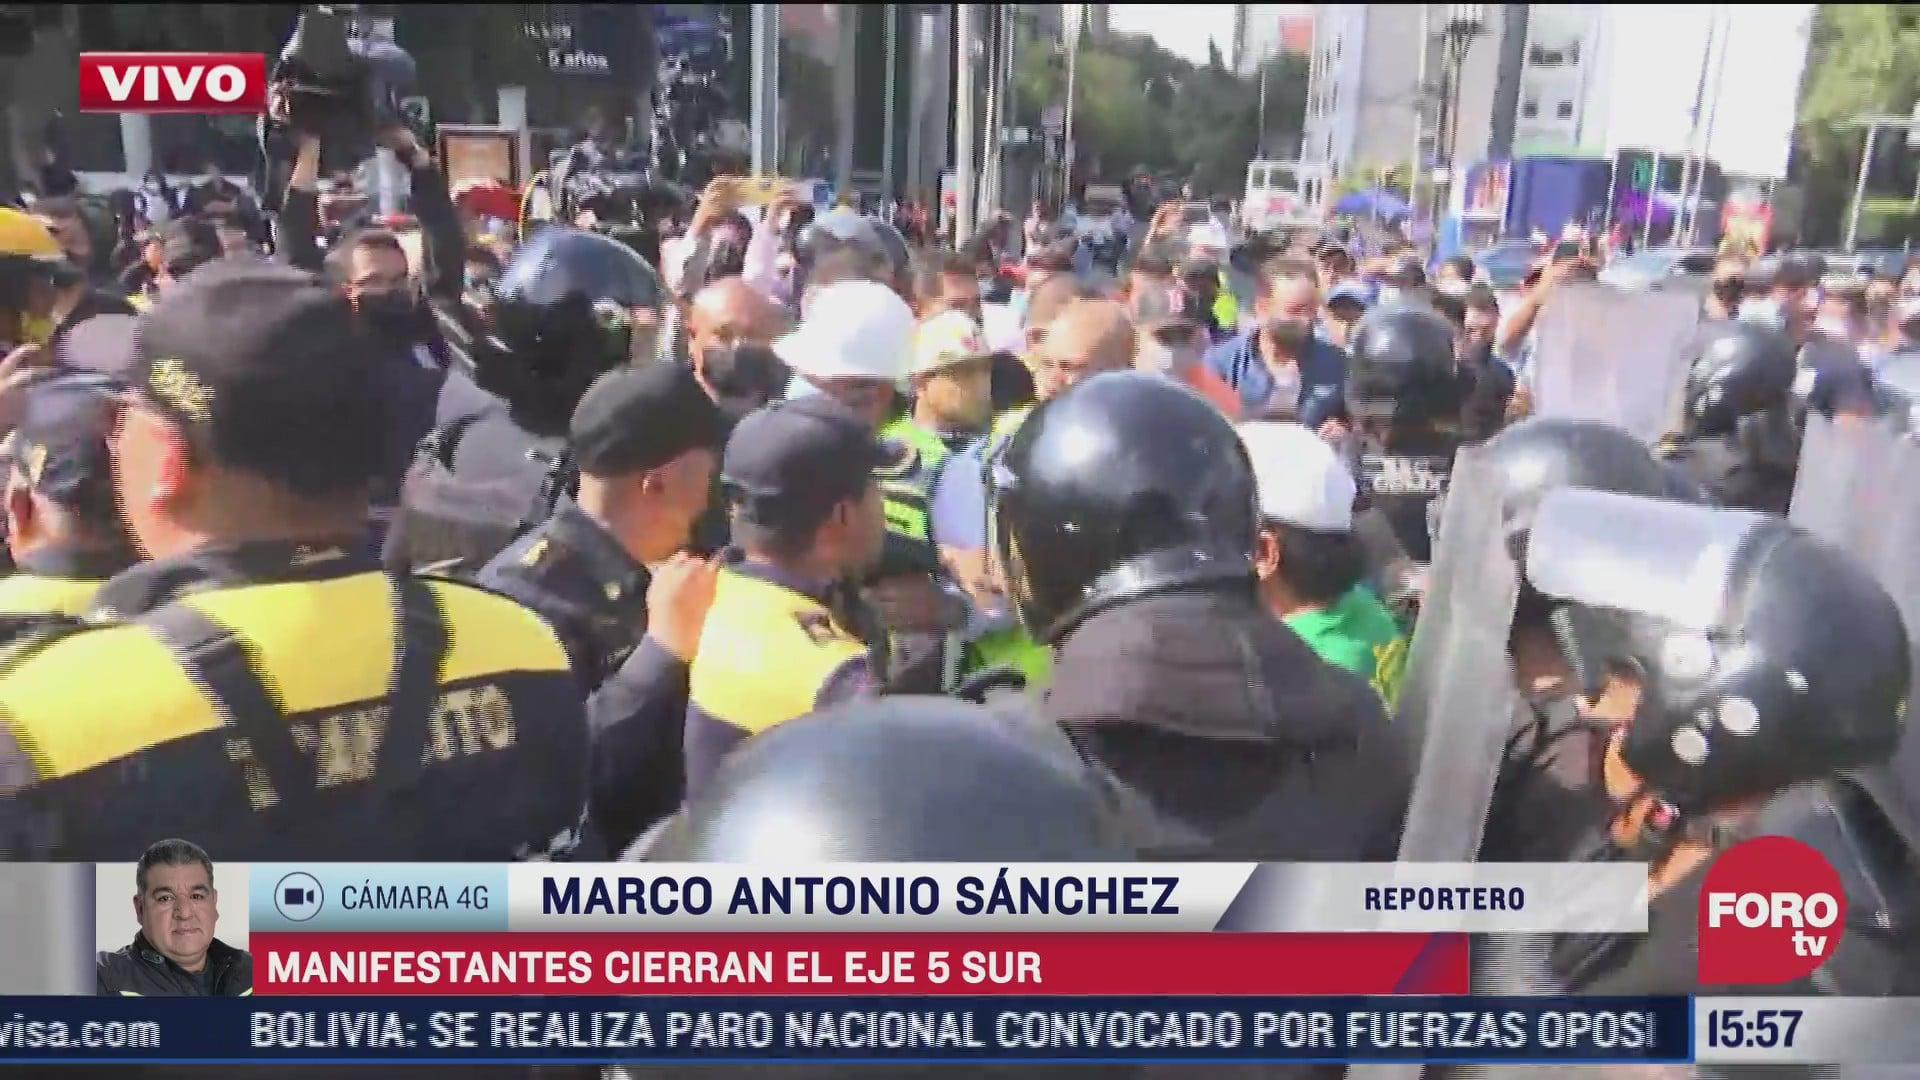 policia retira bloqueo de gaseros en eje 5 sur